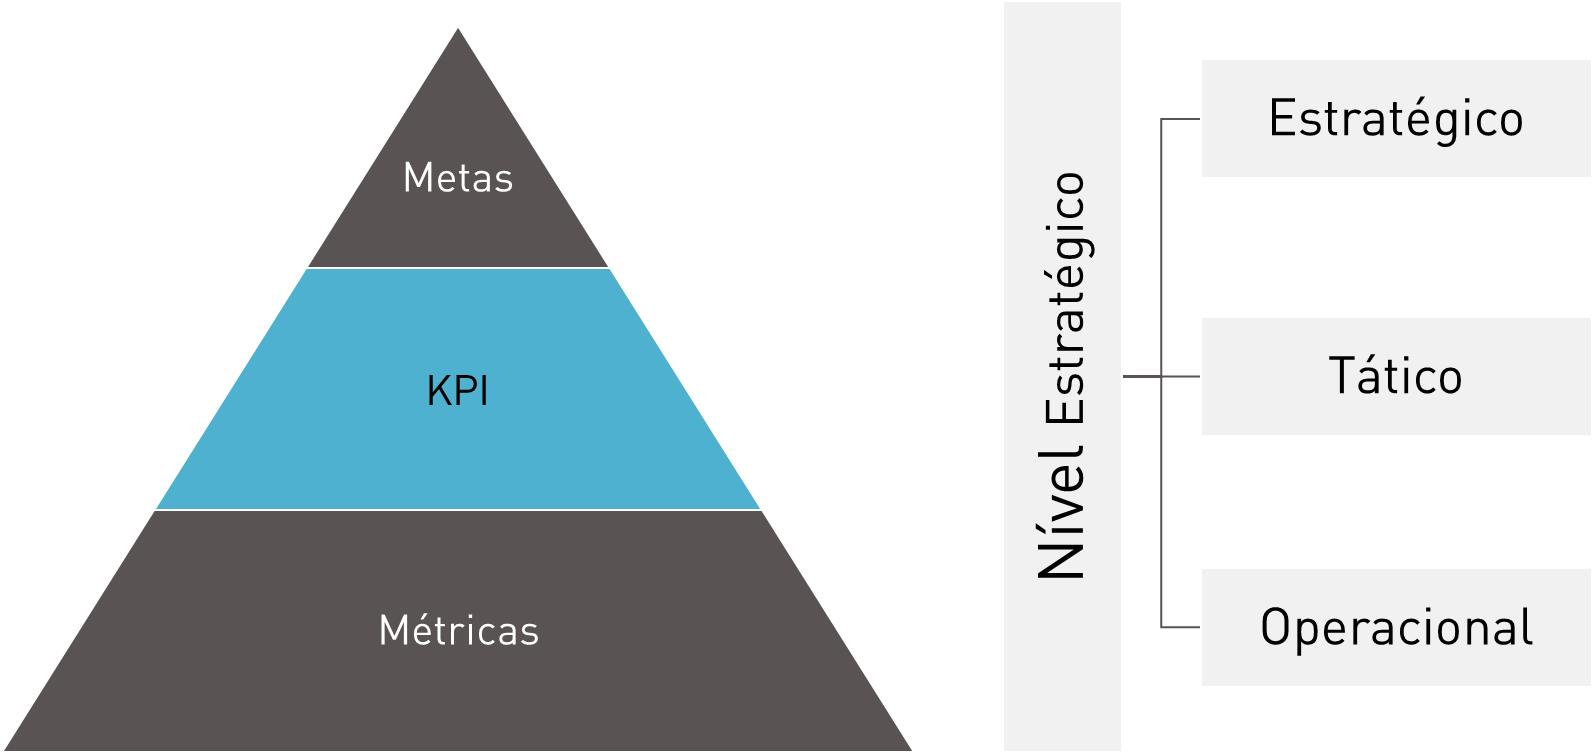 e974c8b05a Dentro de um planejamento estratégico os KPIS têm como objetivo fornecer  informações para o nível tático de uma organização.